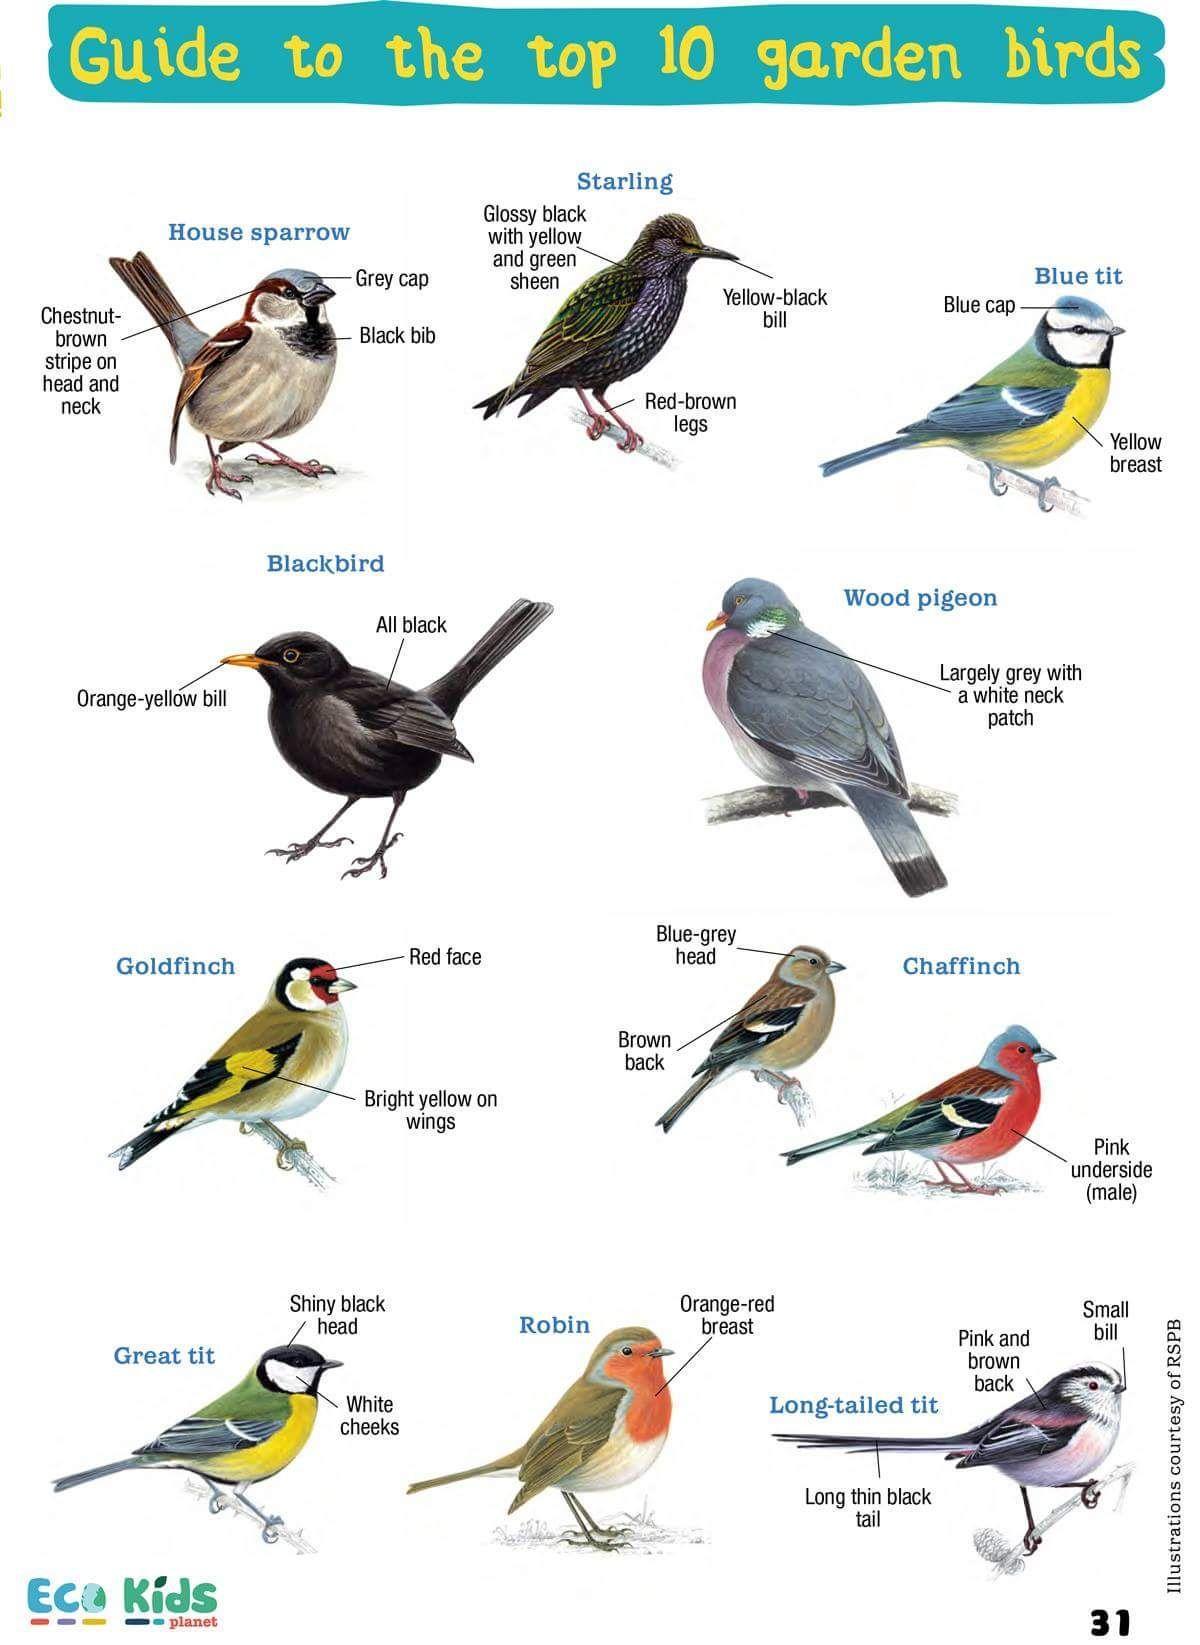 Common Garden Birds